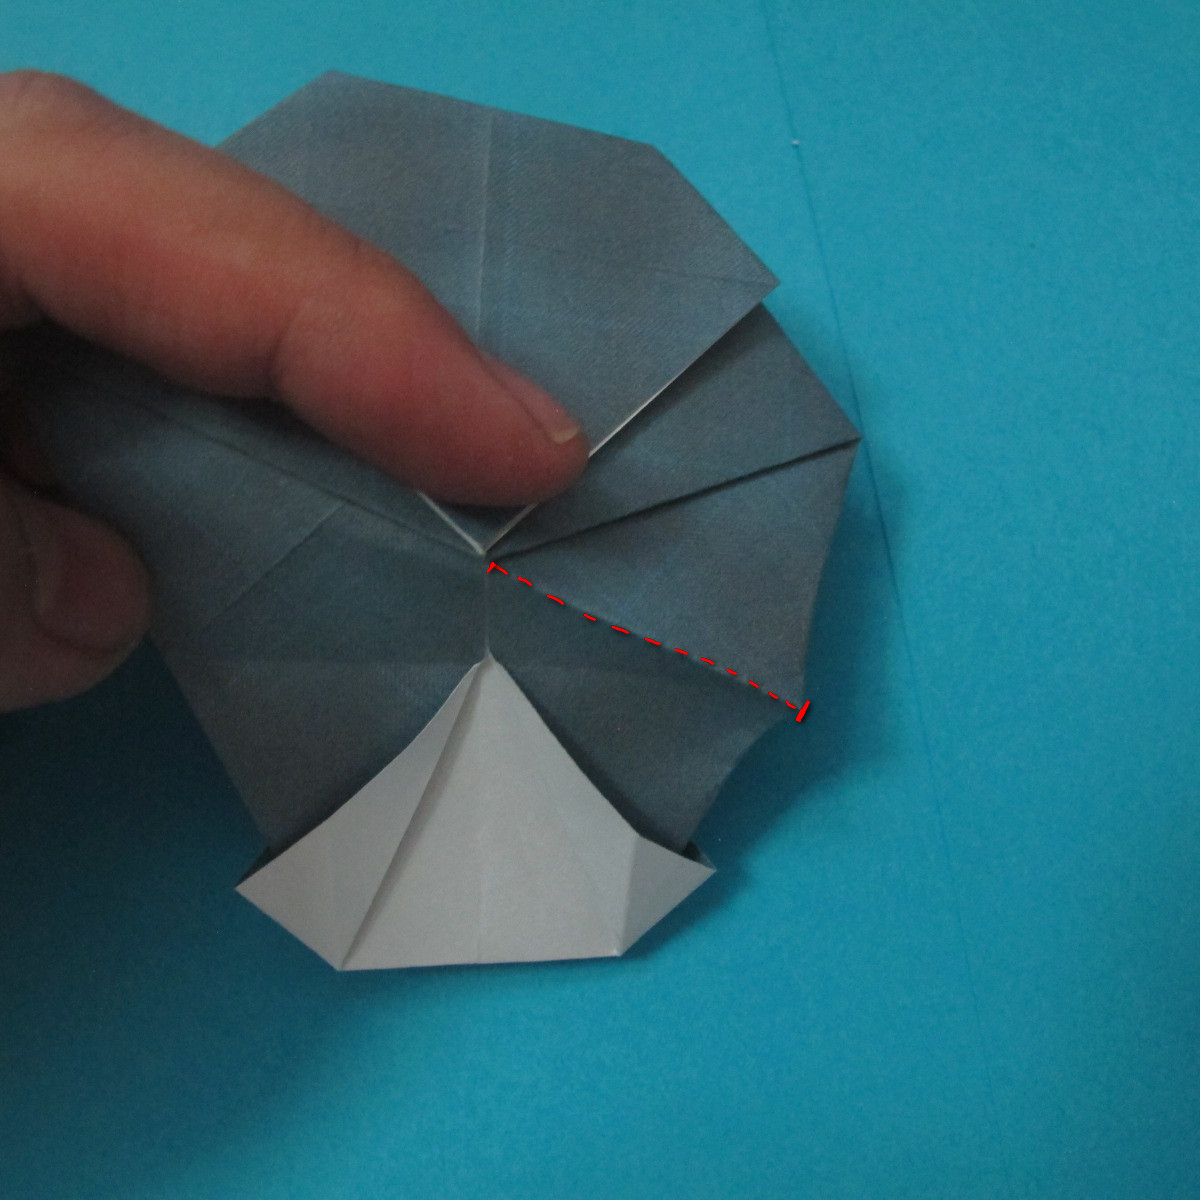 วิธีการพับกระดาษเป็นรูปนกเค้าแมว 018